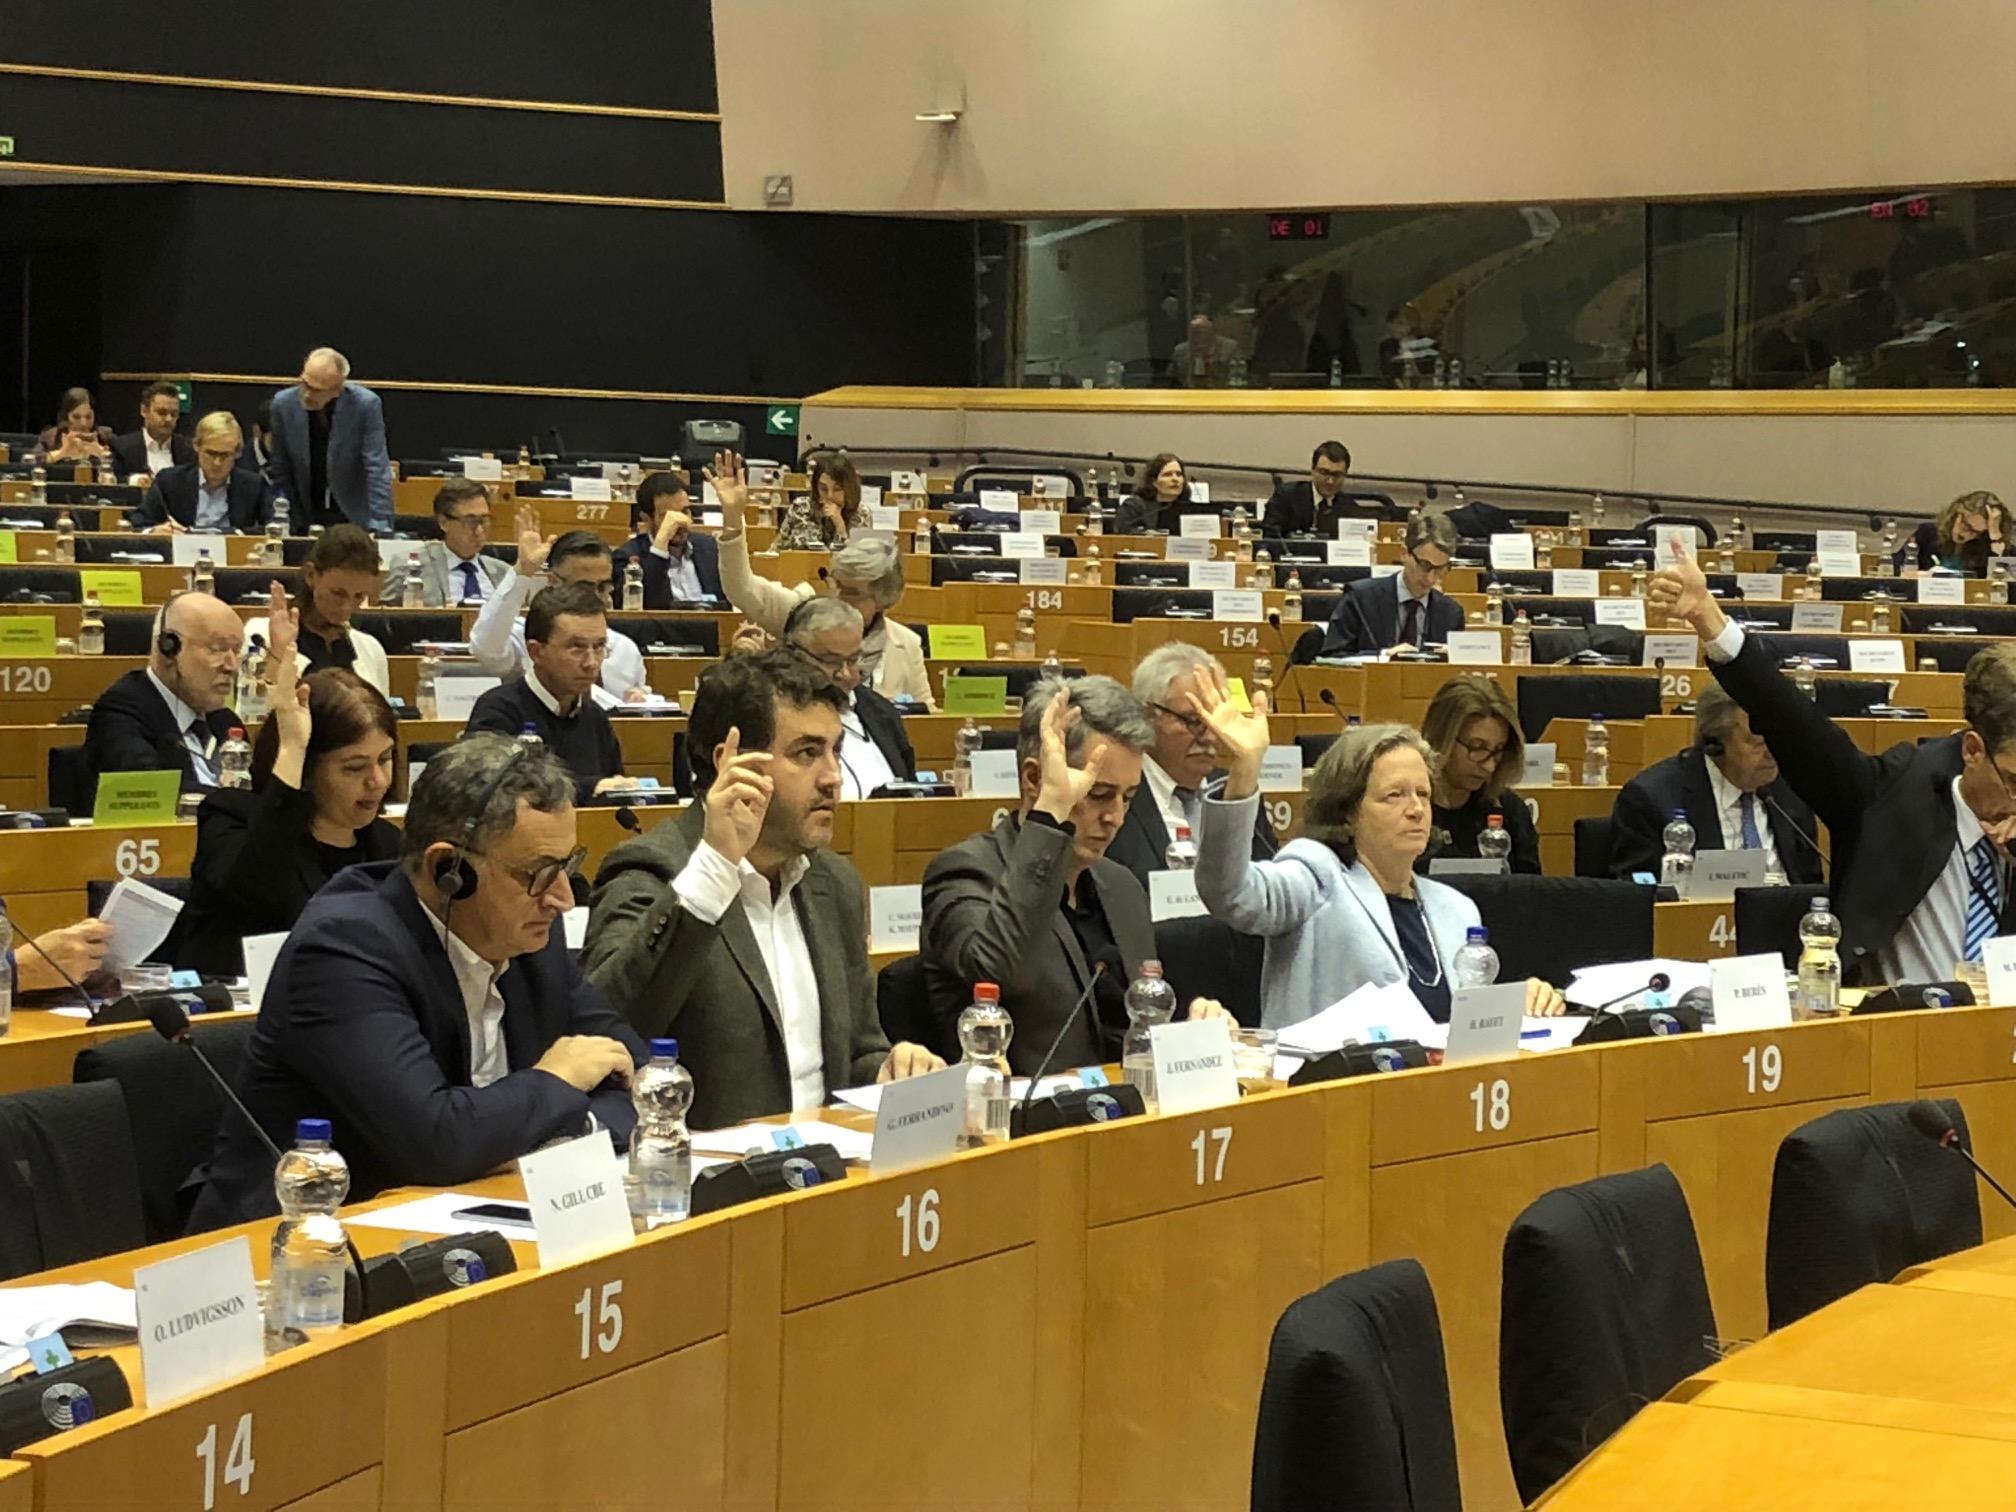 Jonas Fernandez votando en el Parlamento europeo